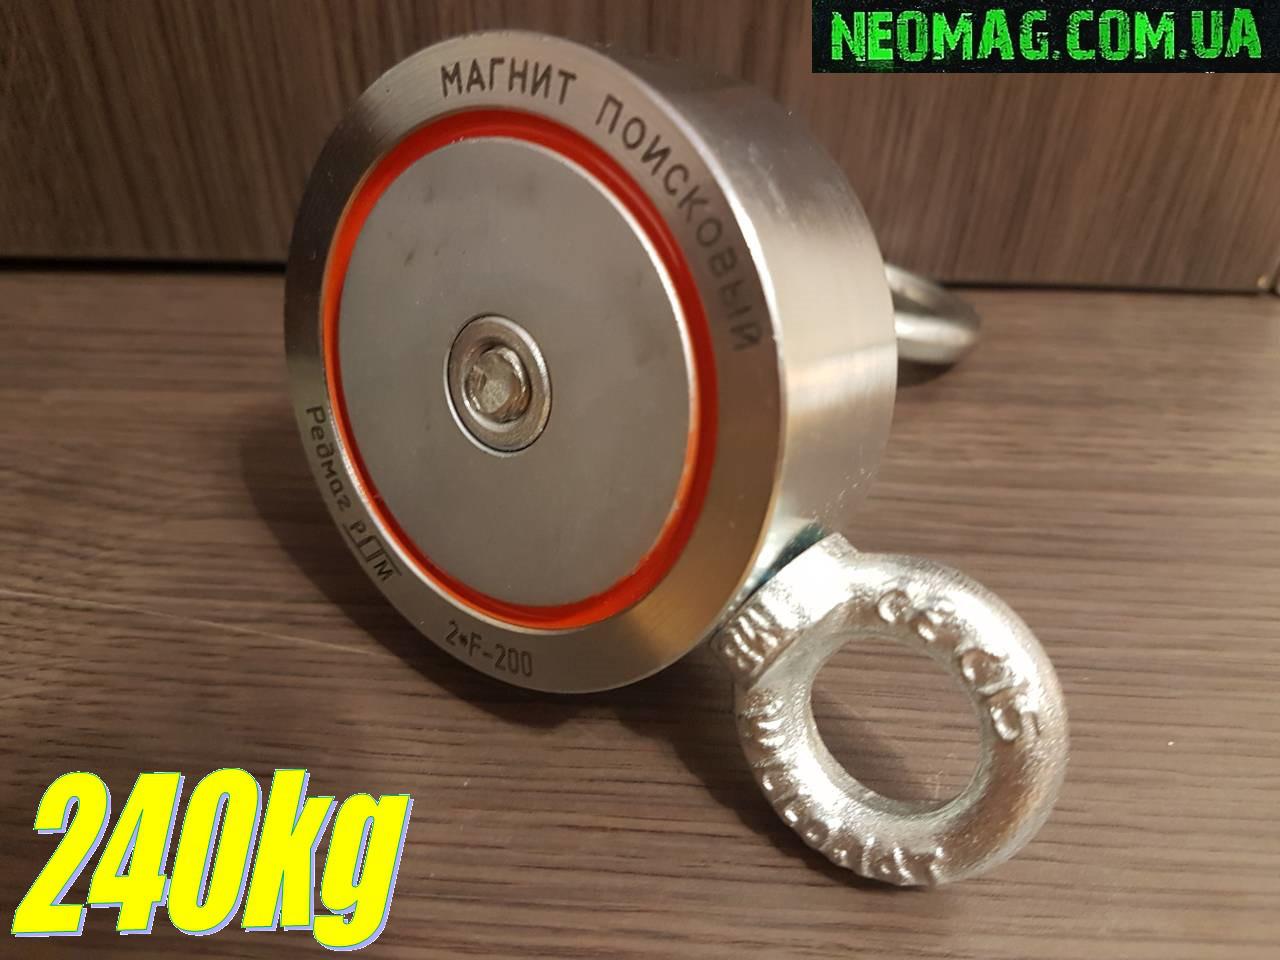 2e16012df0b Двухсторонний поисковый магнит РЕДМАГ F200 2